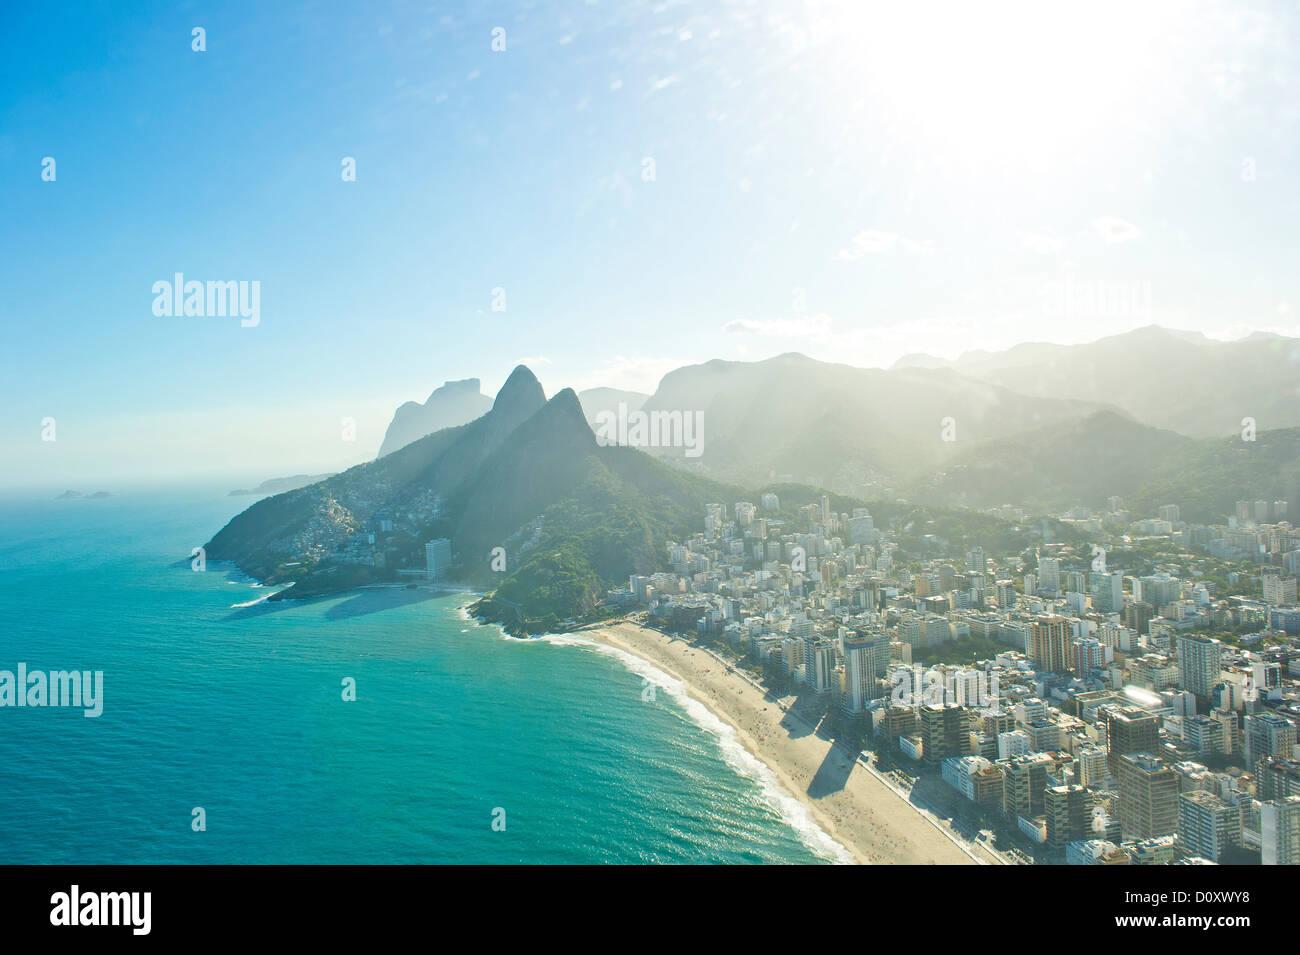 Vue aérienne de la plage d'Ipanema et Morro Dois Irmãos, Rio de Janeiro, Brésil Photo Stock